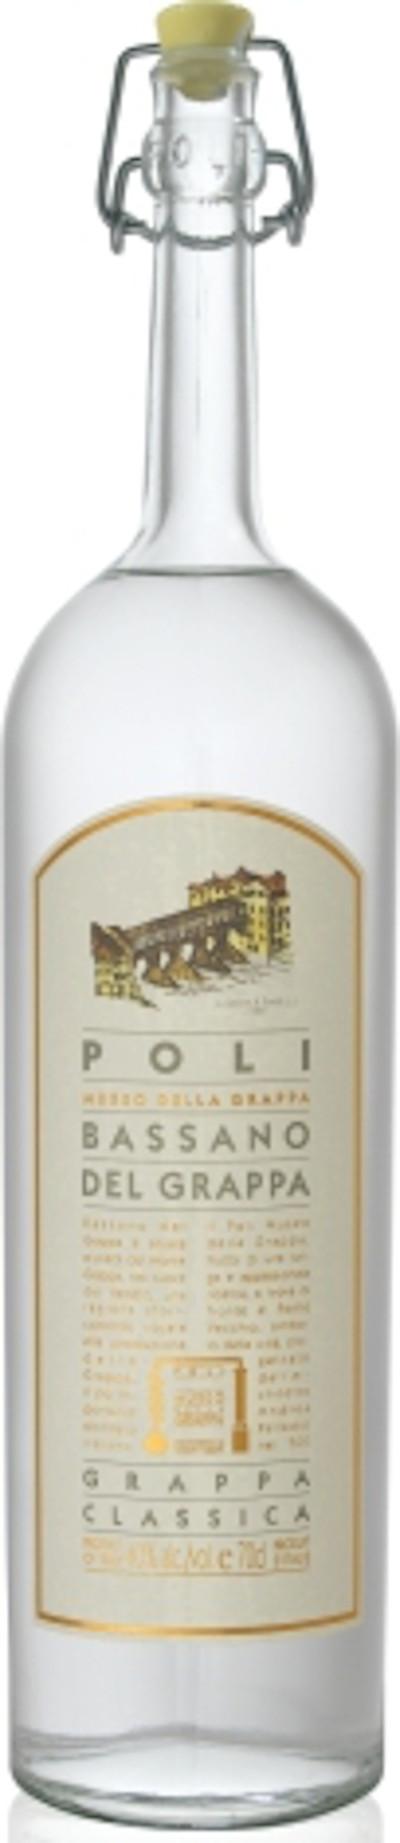 Poli - Grappa Bassano Classica